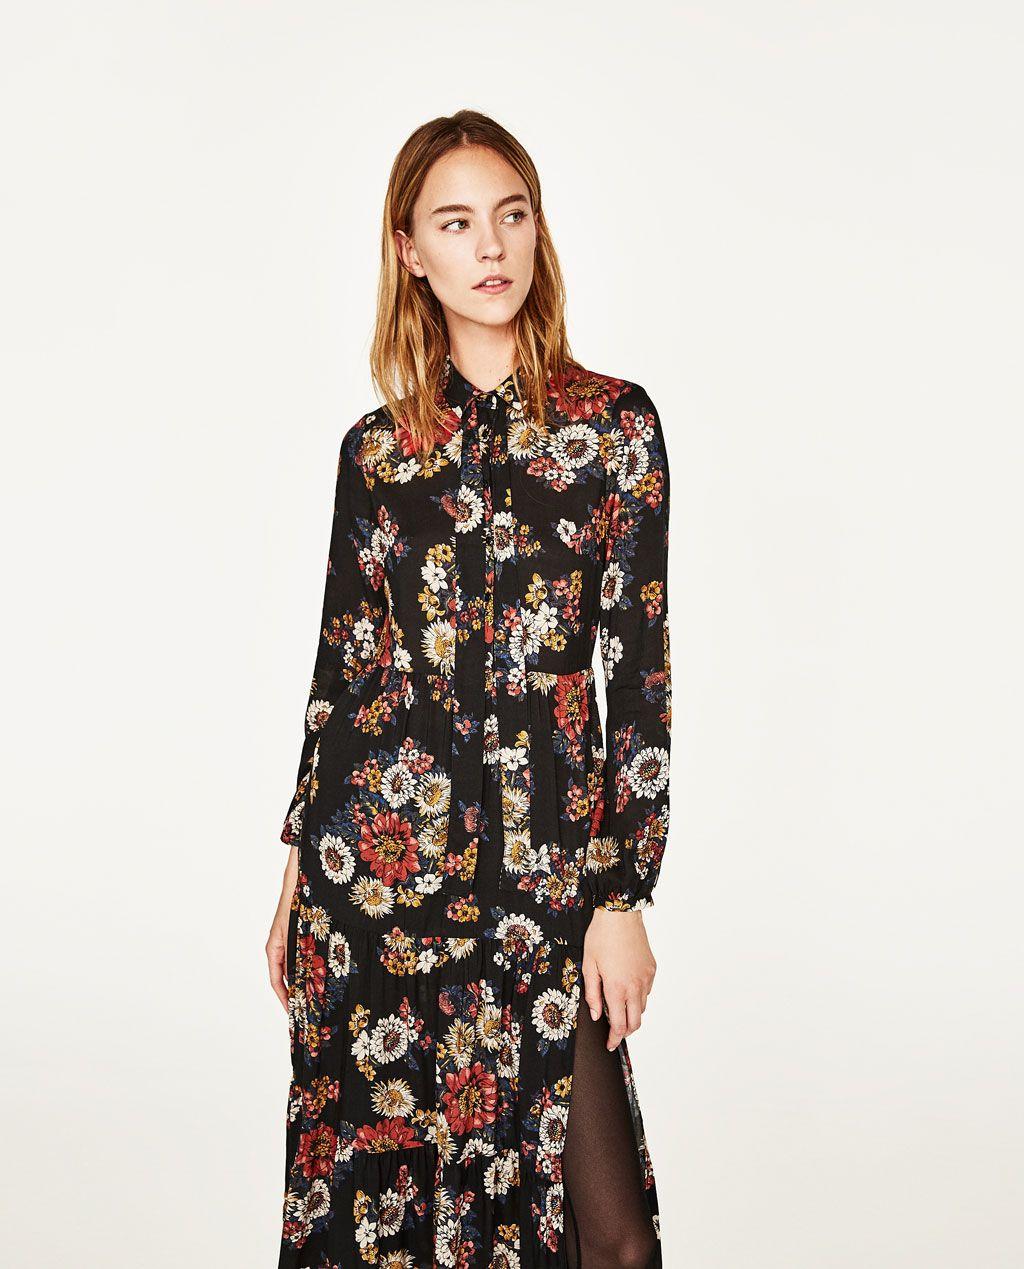 Zara mujer vestidos largos 2019